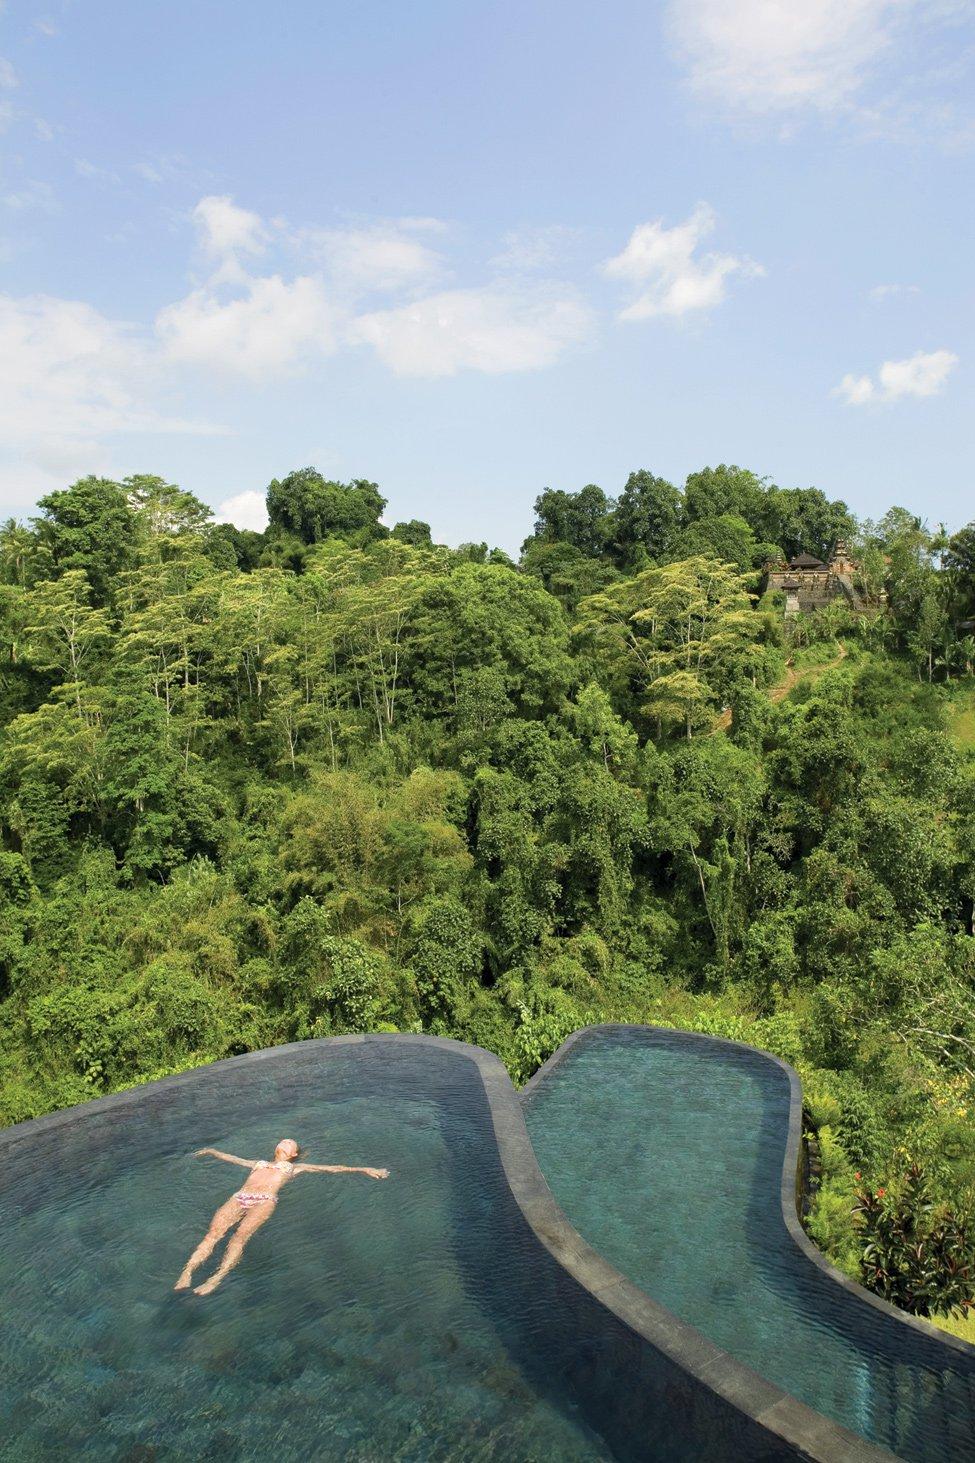 Отель Munduk Moding Plantation. Бали